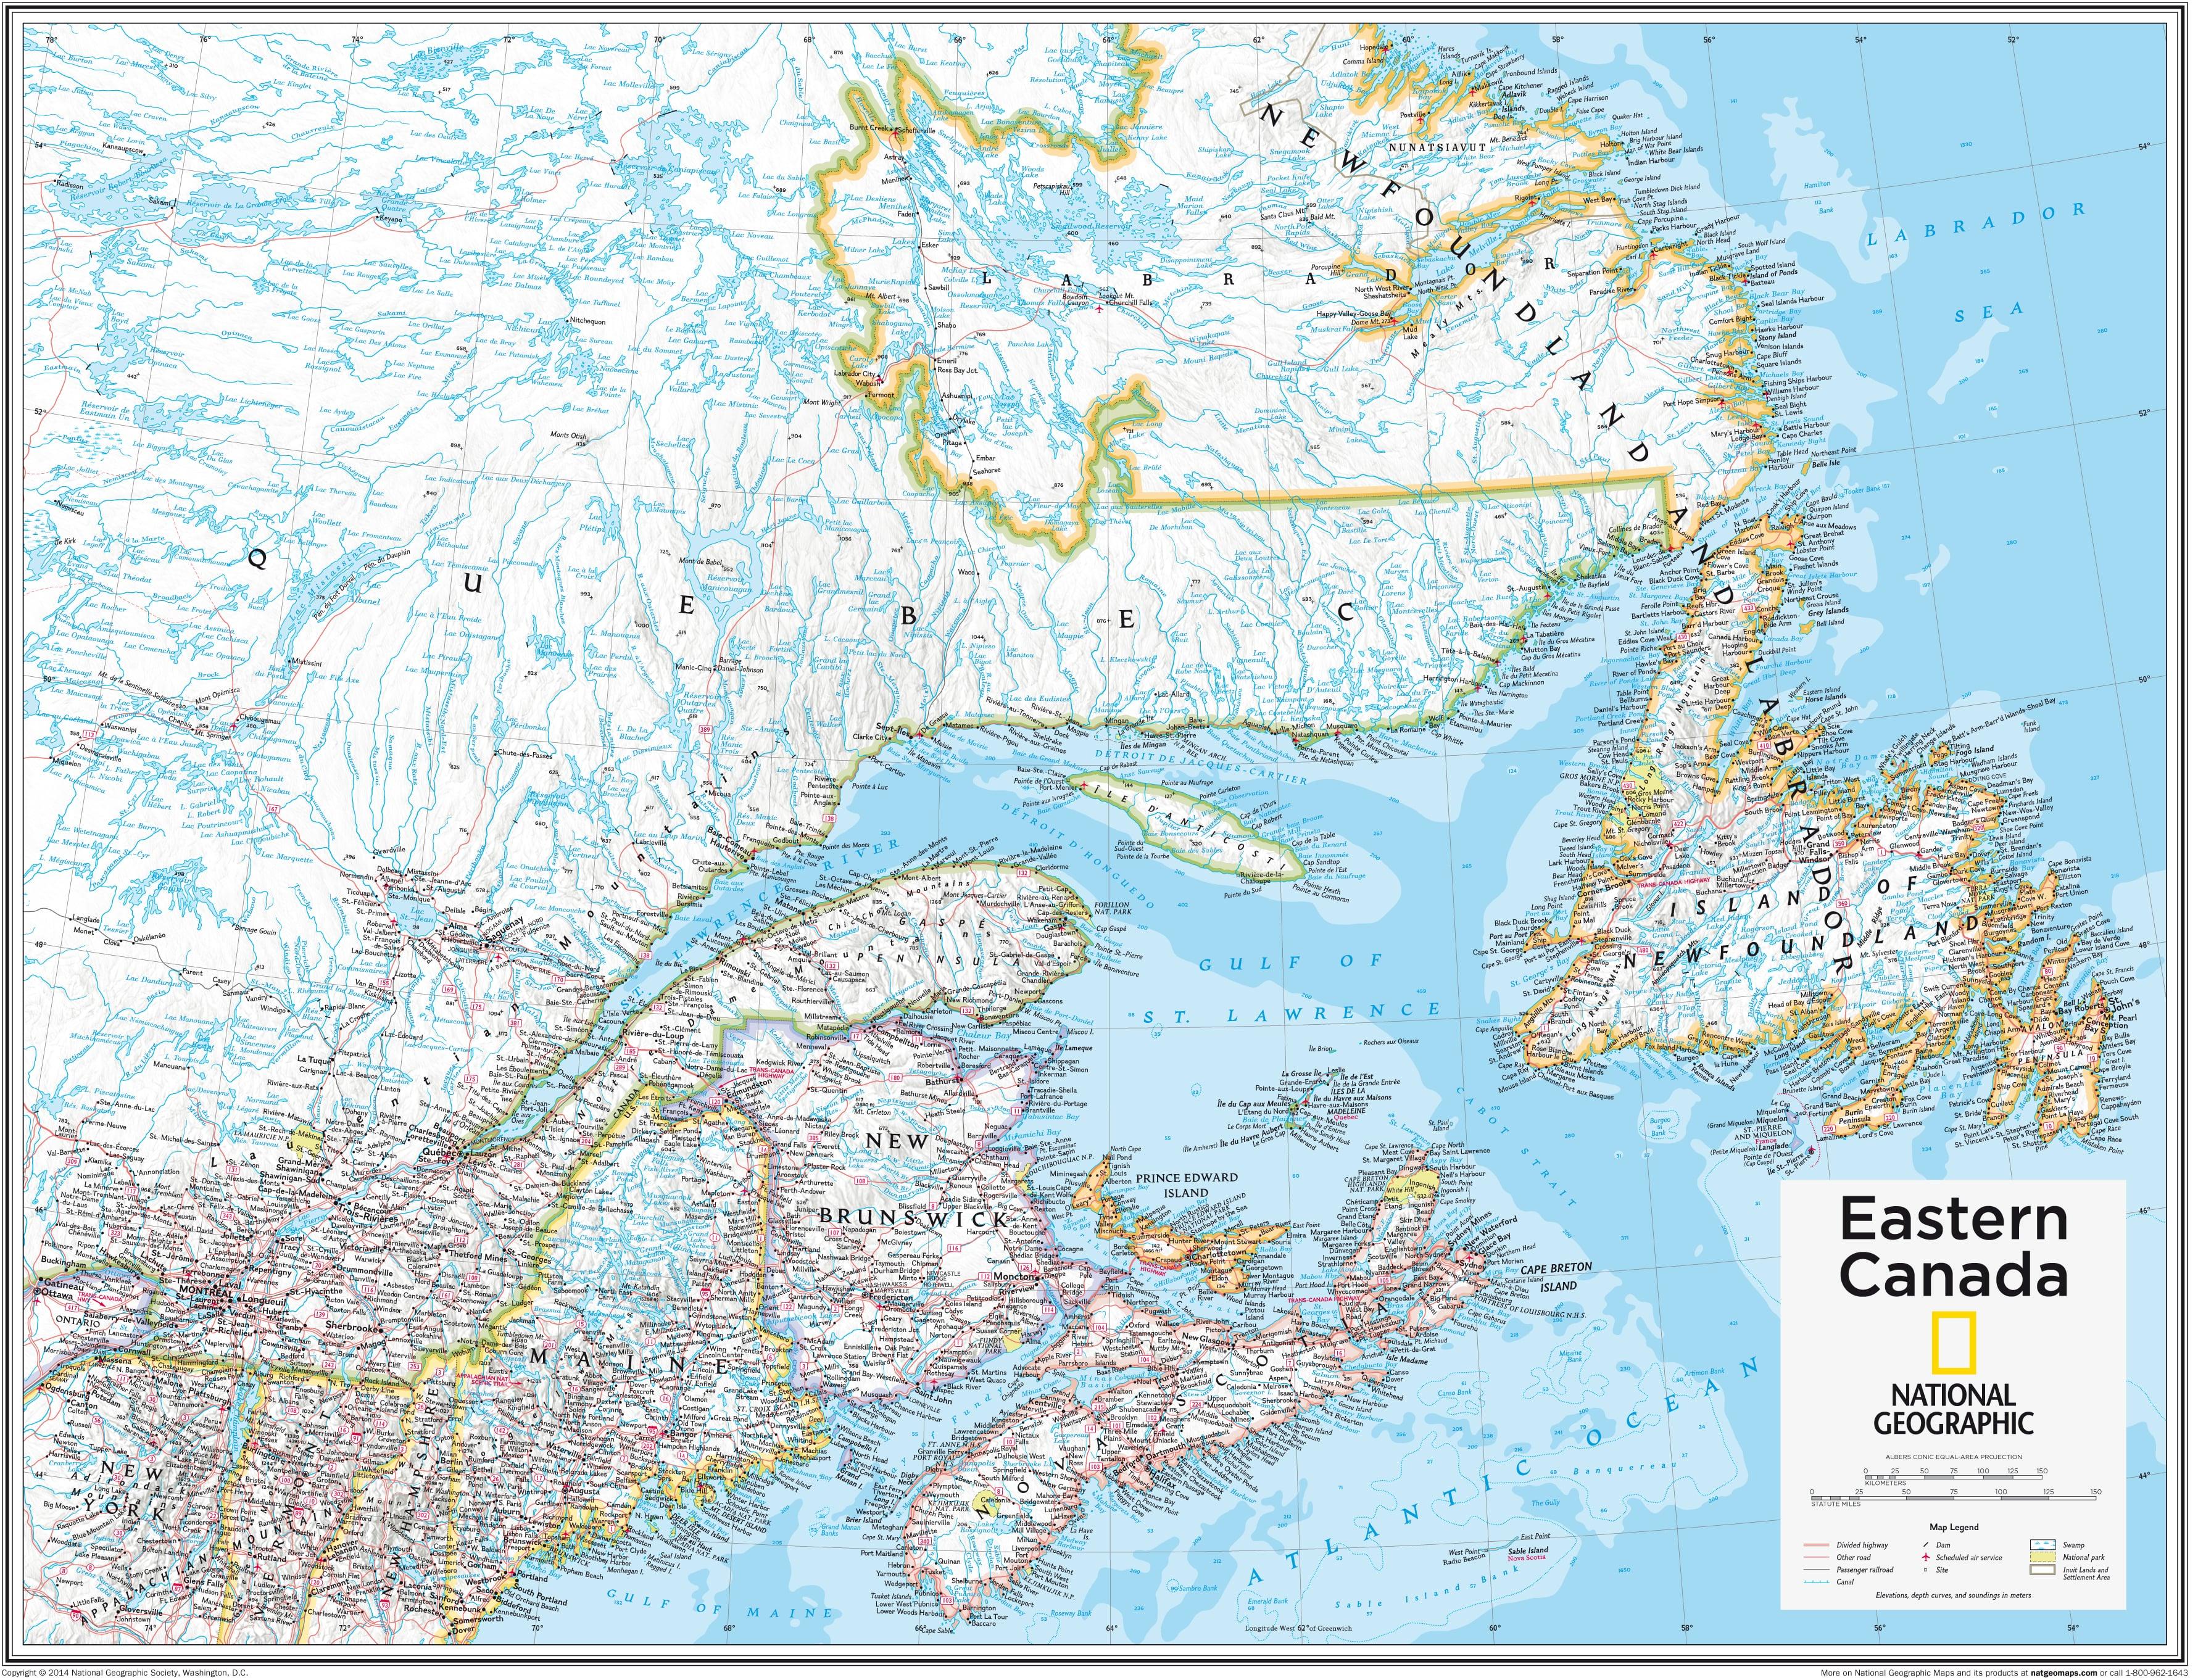 Eastern Canada 91 x 73cm